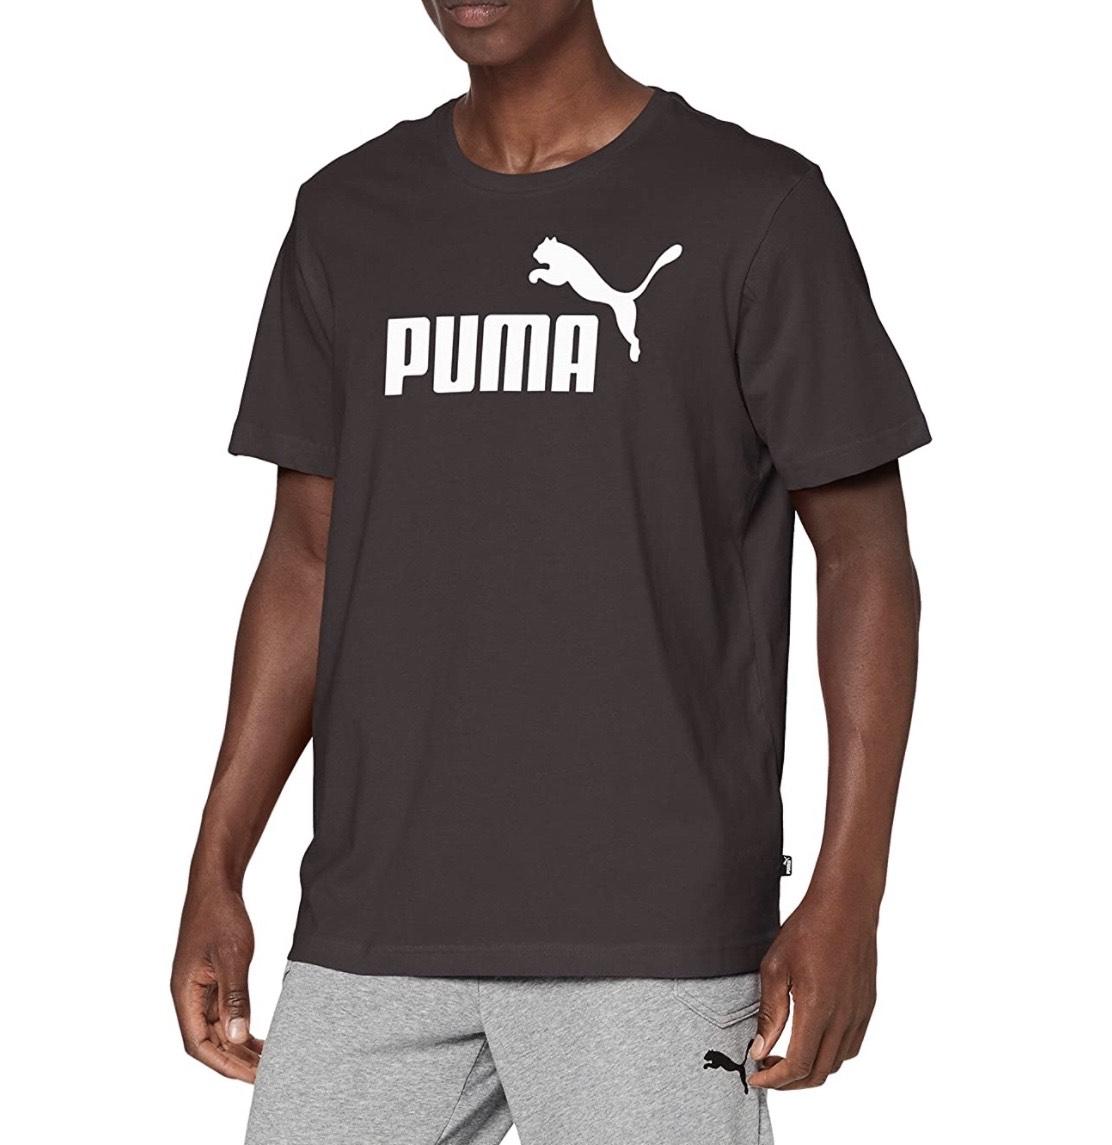 Camiseta negra Puma adulto tallas S y XL (S también en blanco)